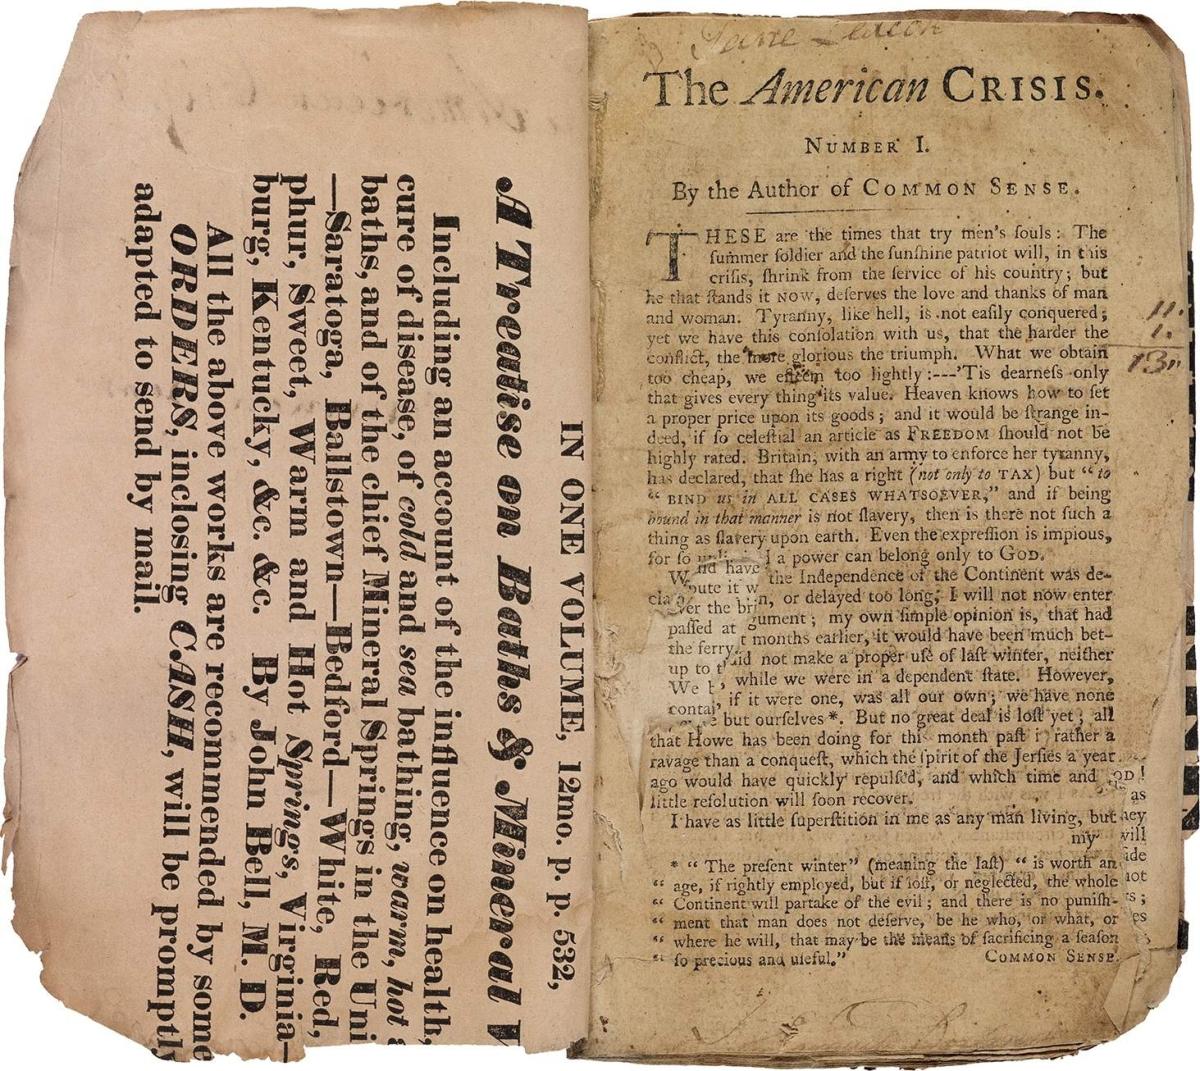 AB Swann Paine Document